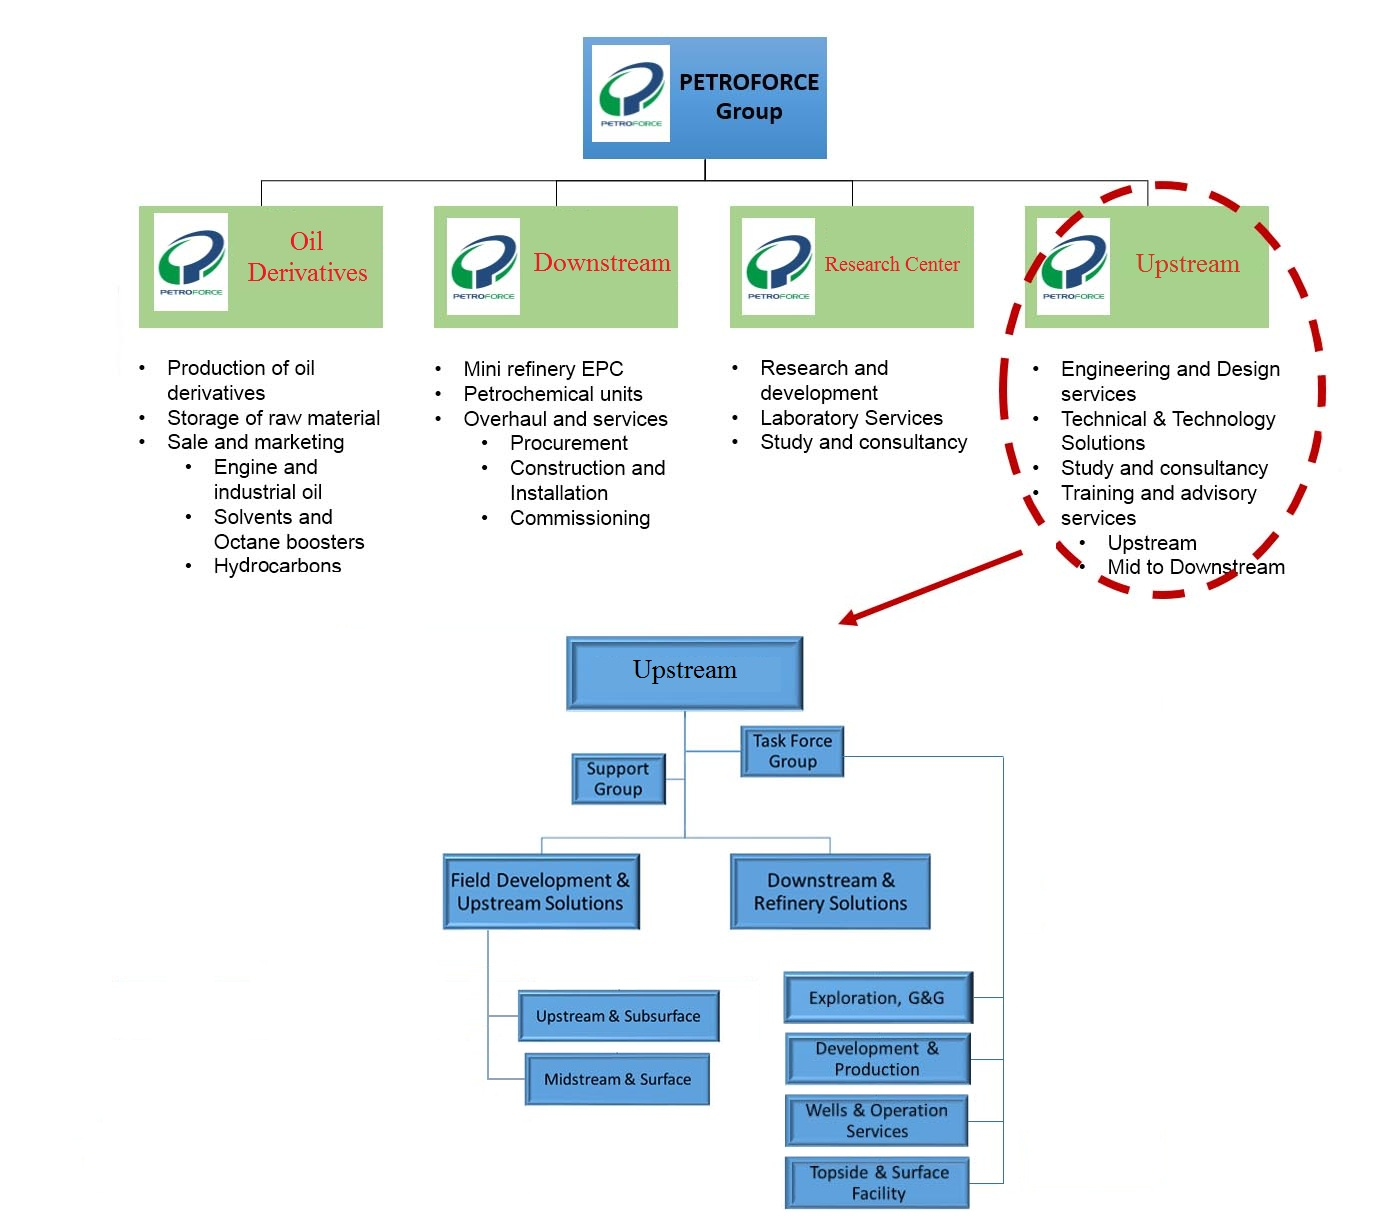 Organization Chart | PETROFORCE GROUP